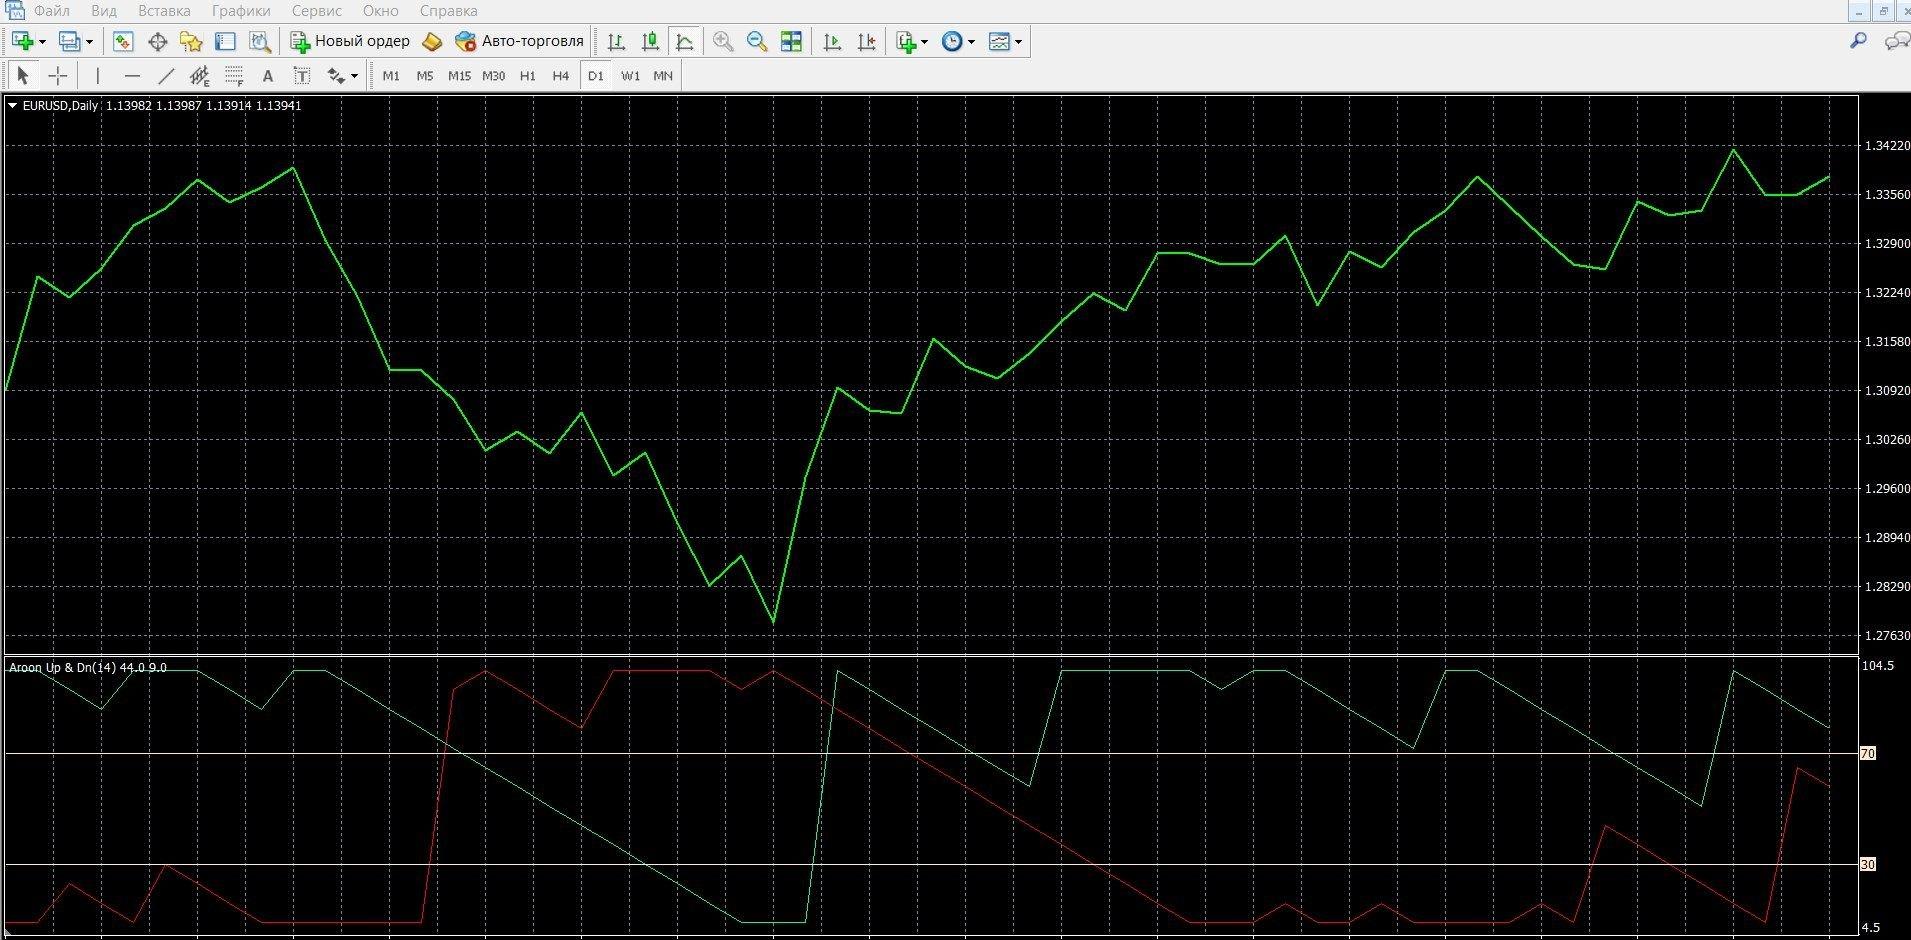 Aroon позволяет точно определять тренды рынка